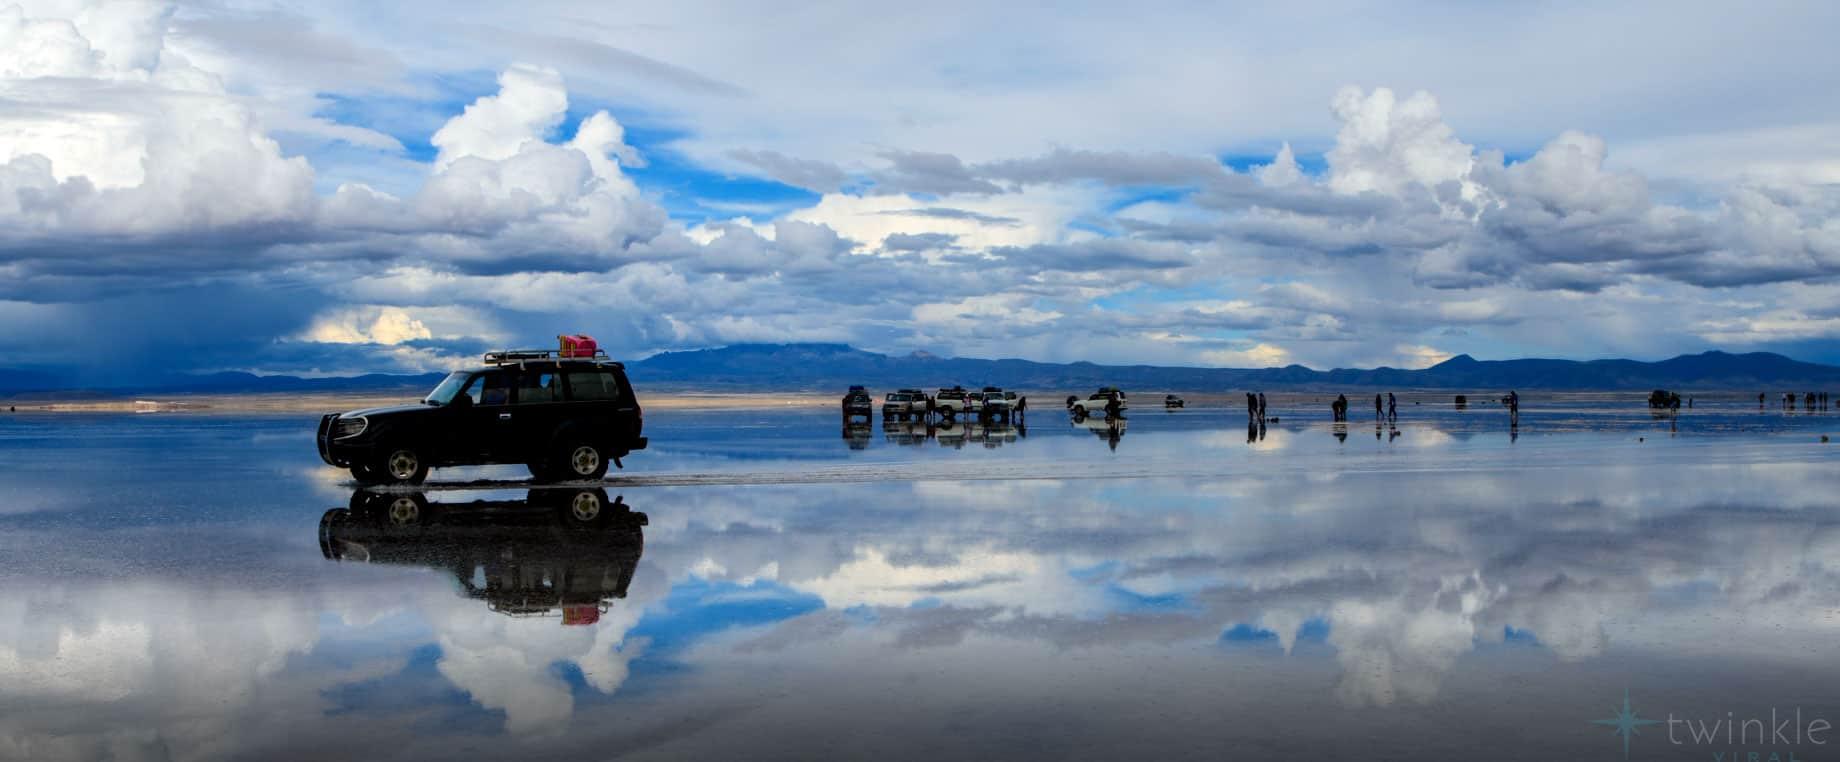 Travel the Salar De Uyuni